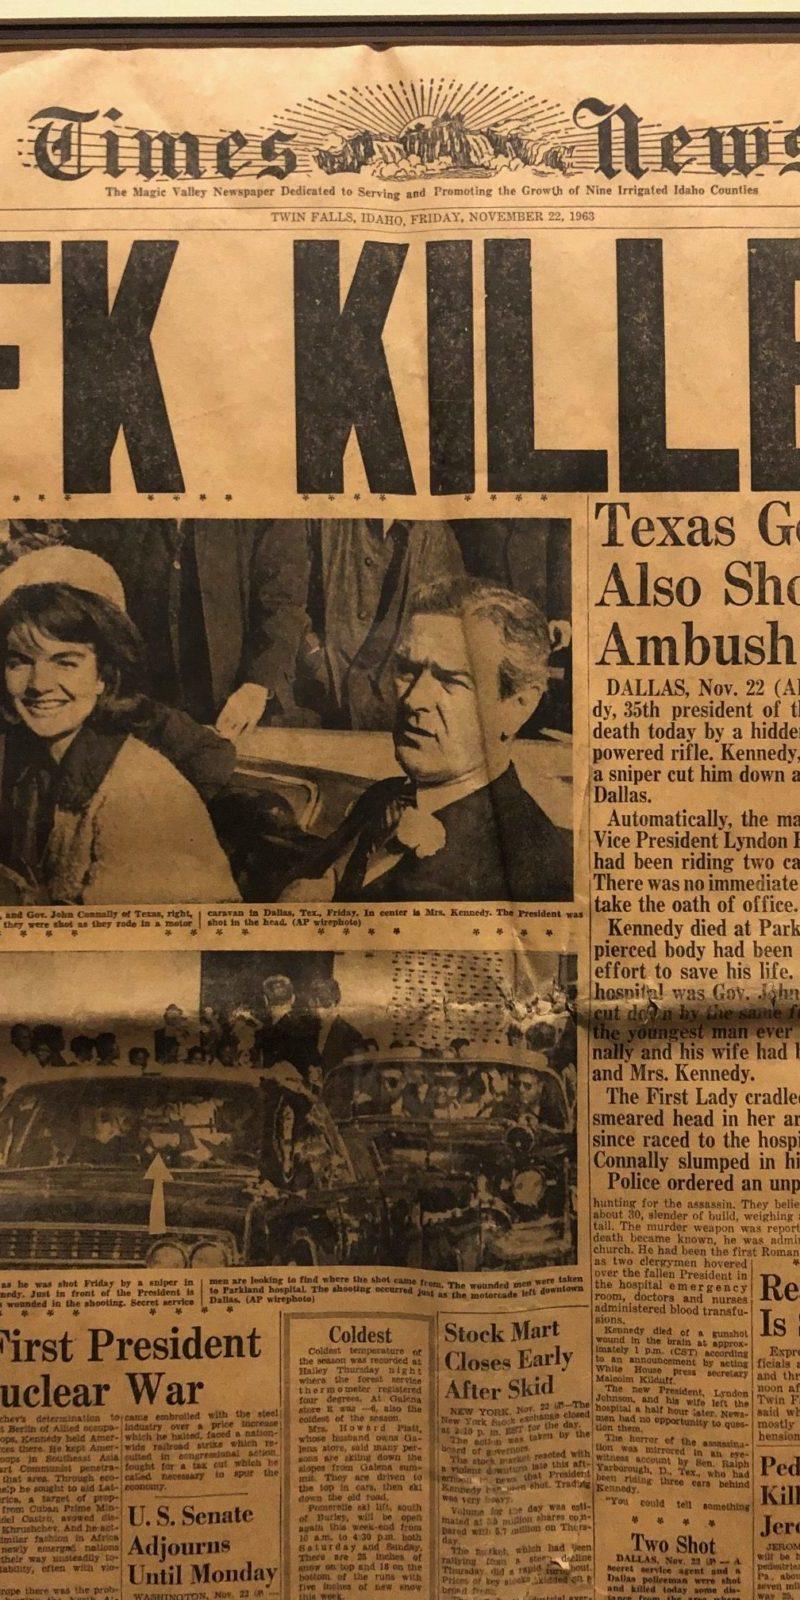 Remembering November 22, 1963